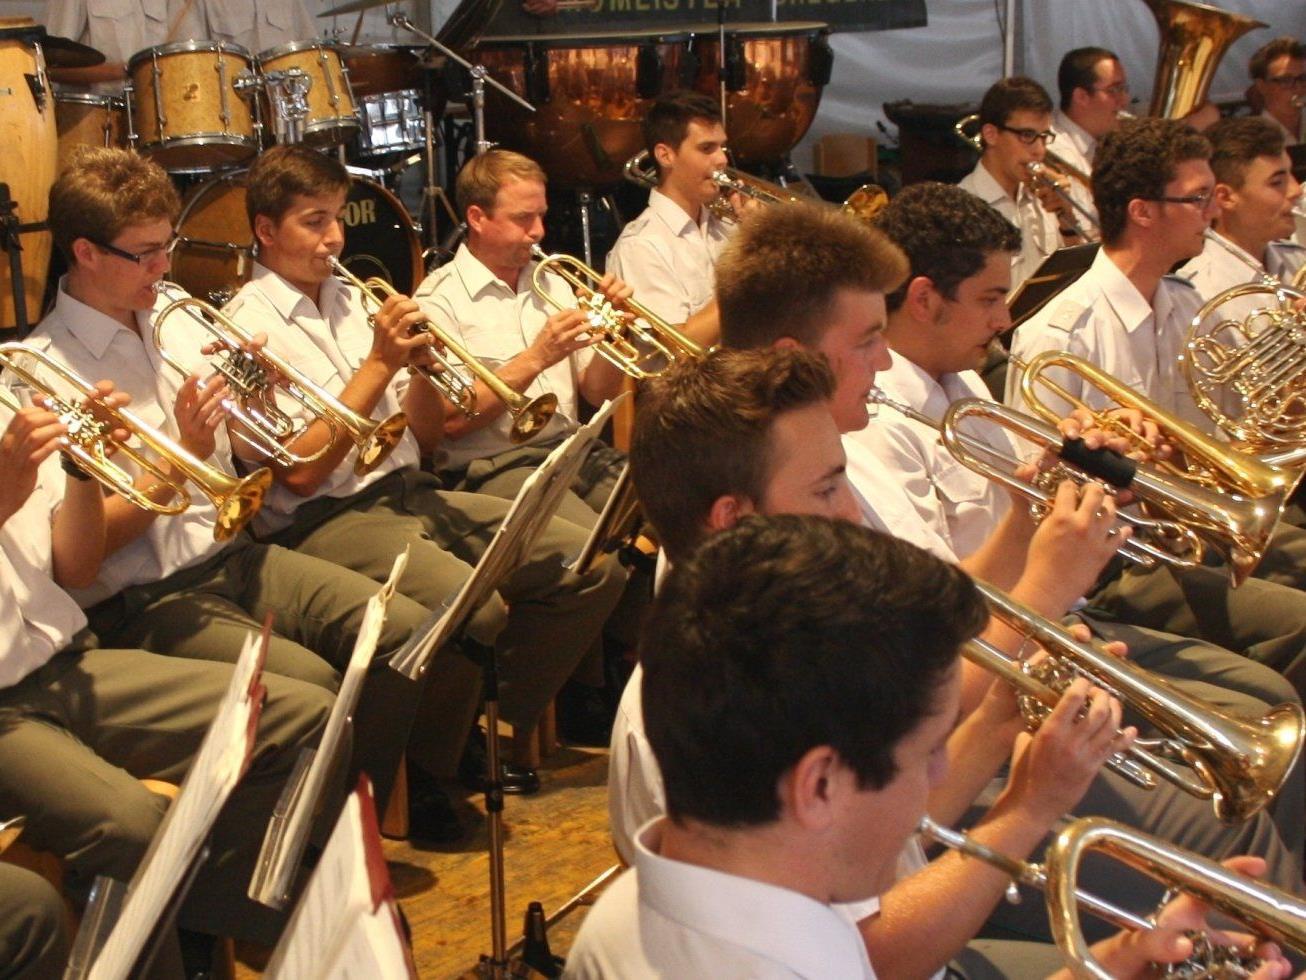 Die Militärmusik Vorarlberg lädt zum eventuell letzten Konzert der Militärmusikkapelle in den Ramschwagsaal nach Nenzing.